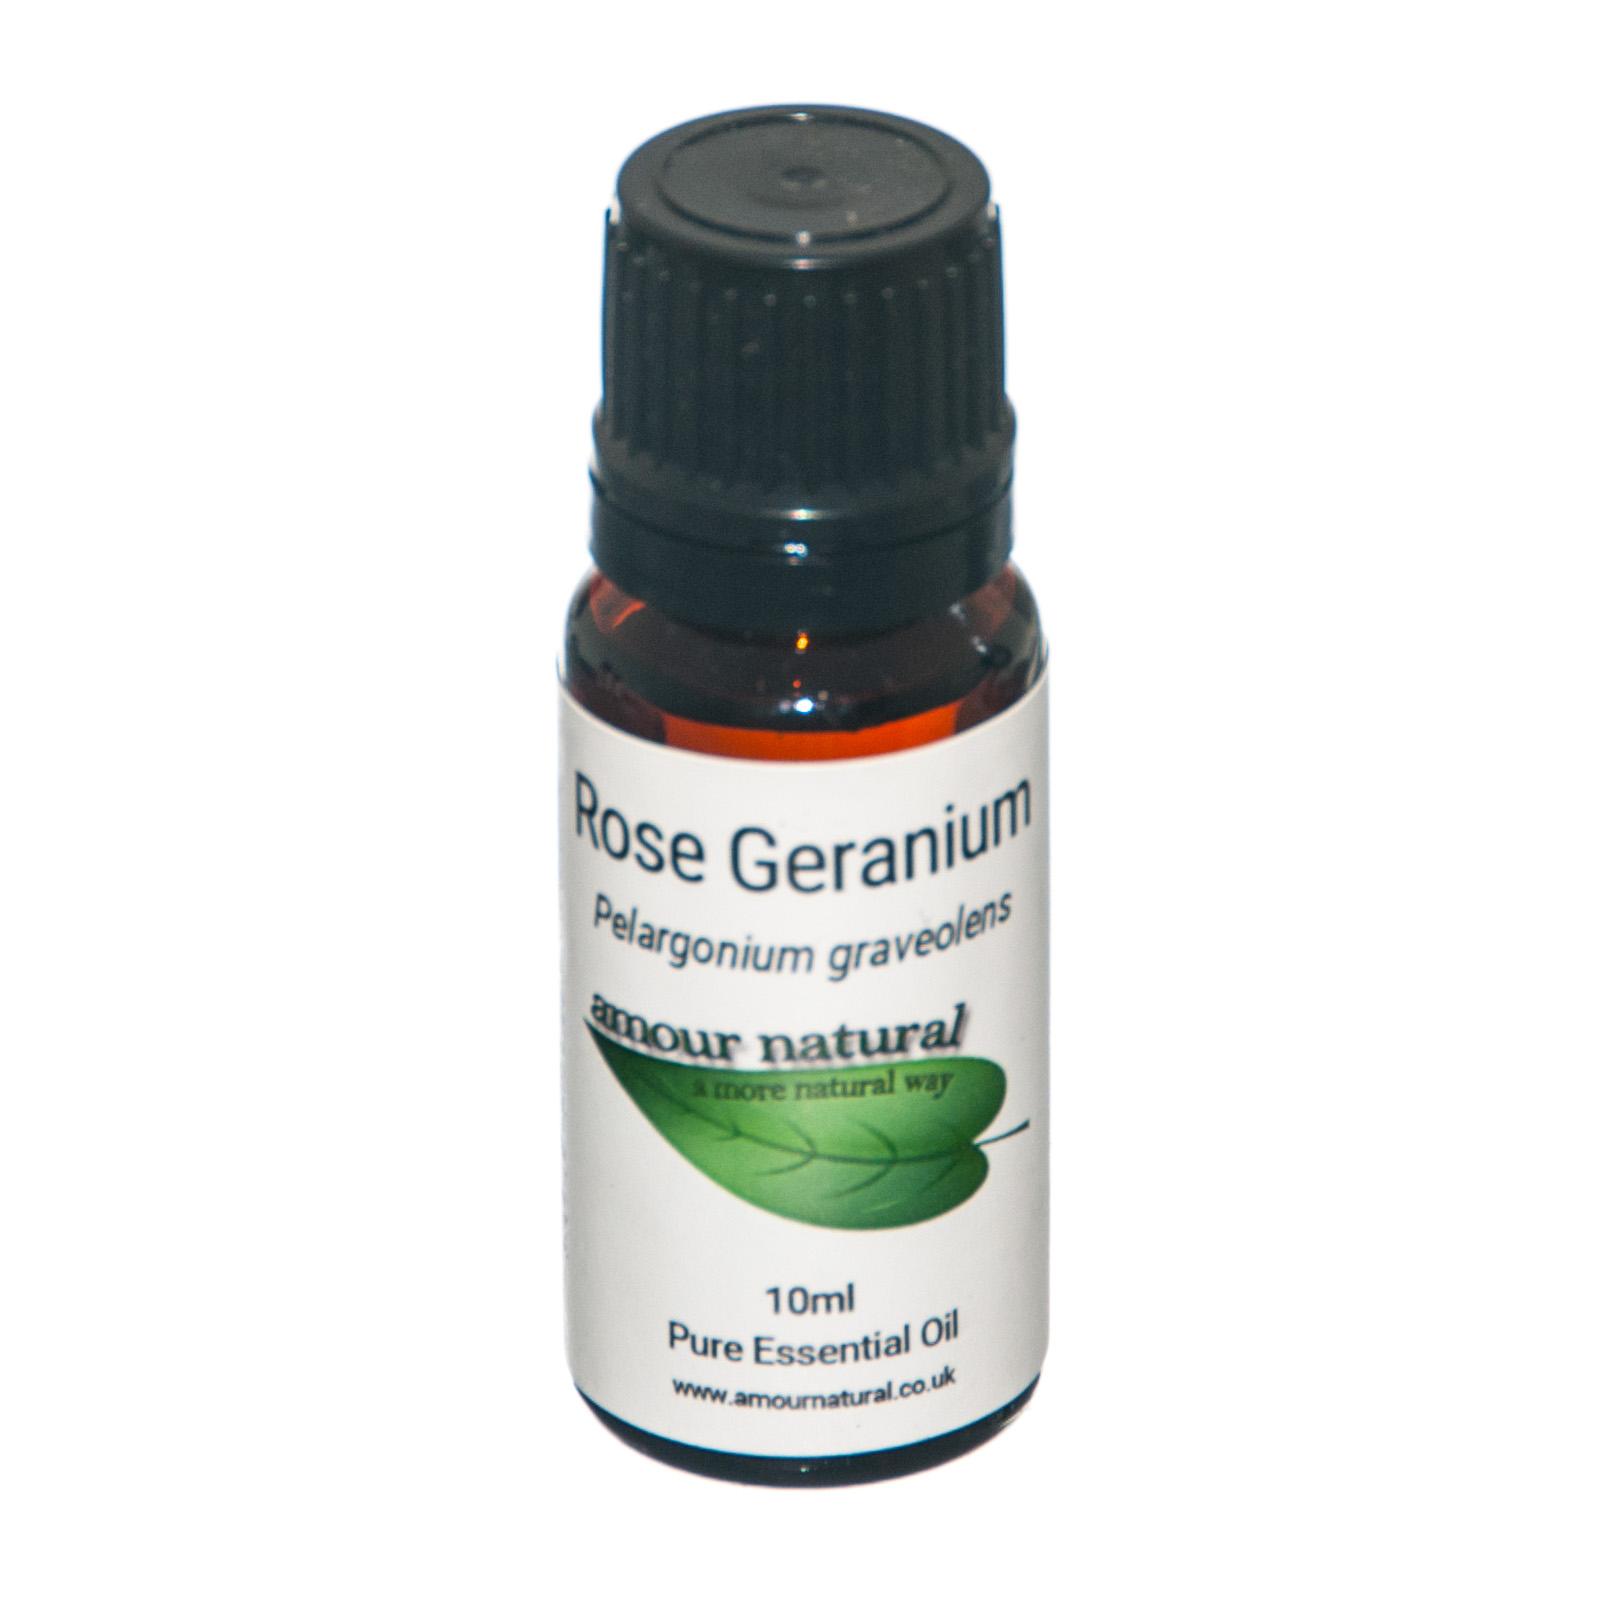 Rose Geranium 10ml